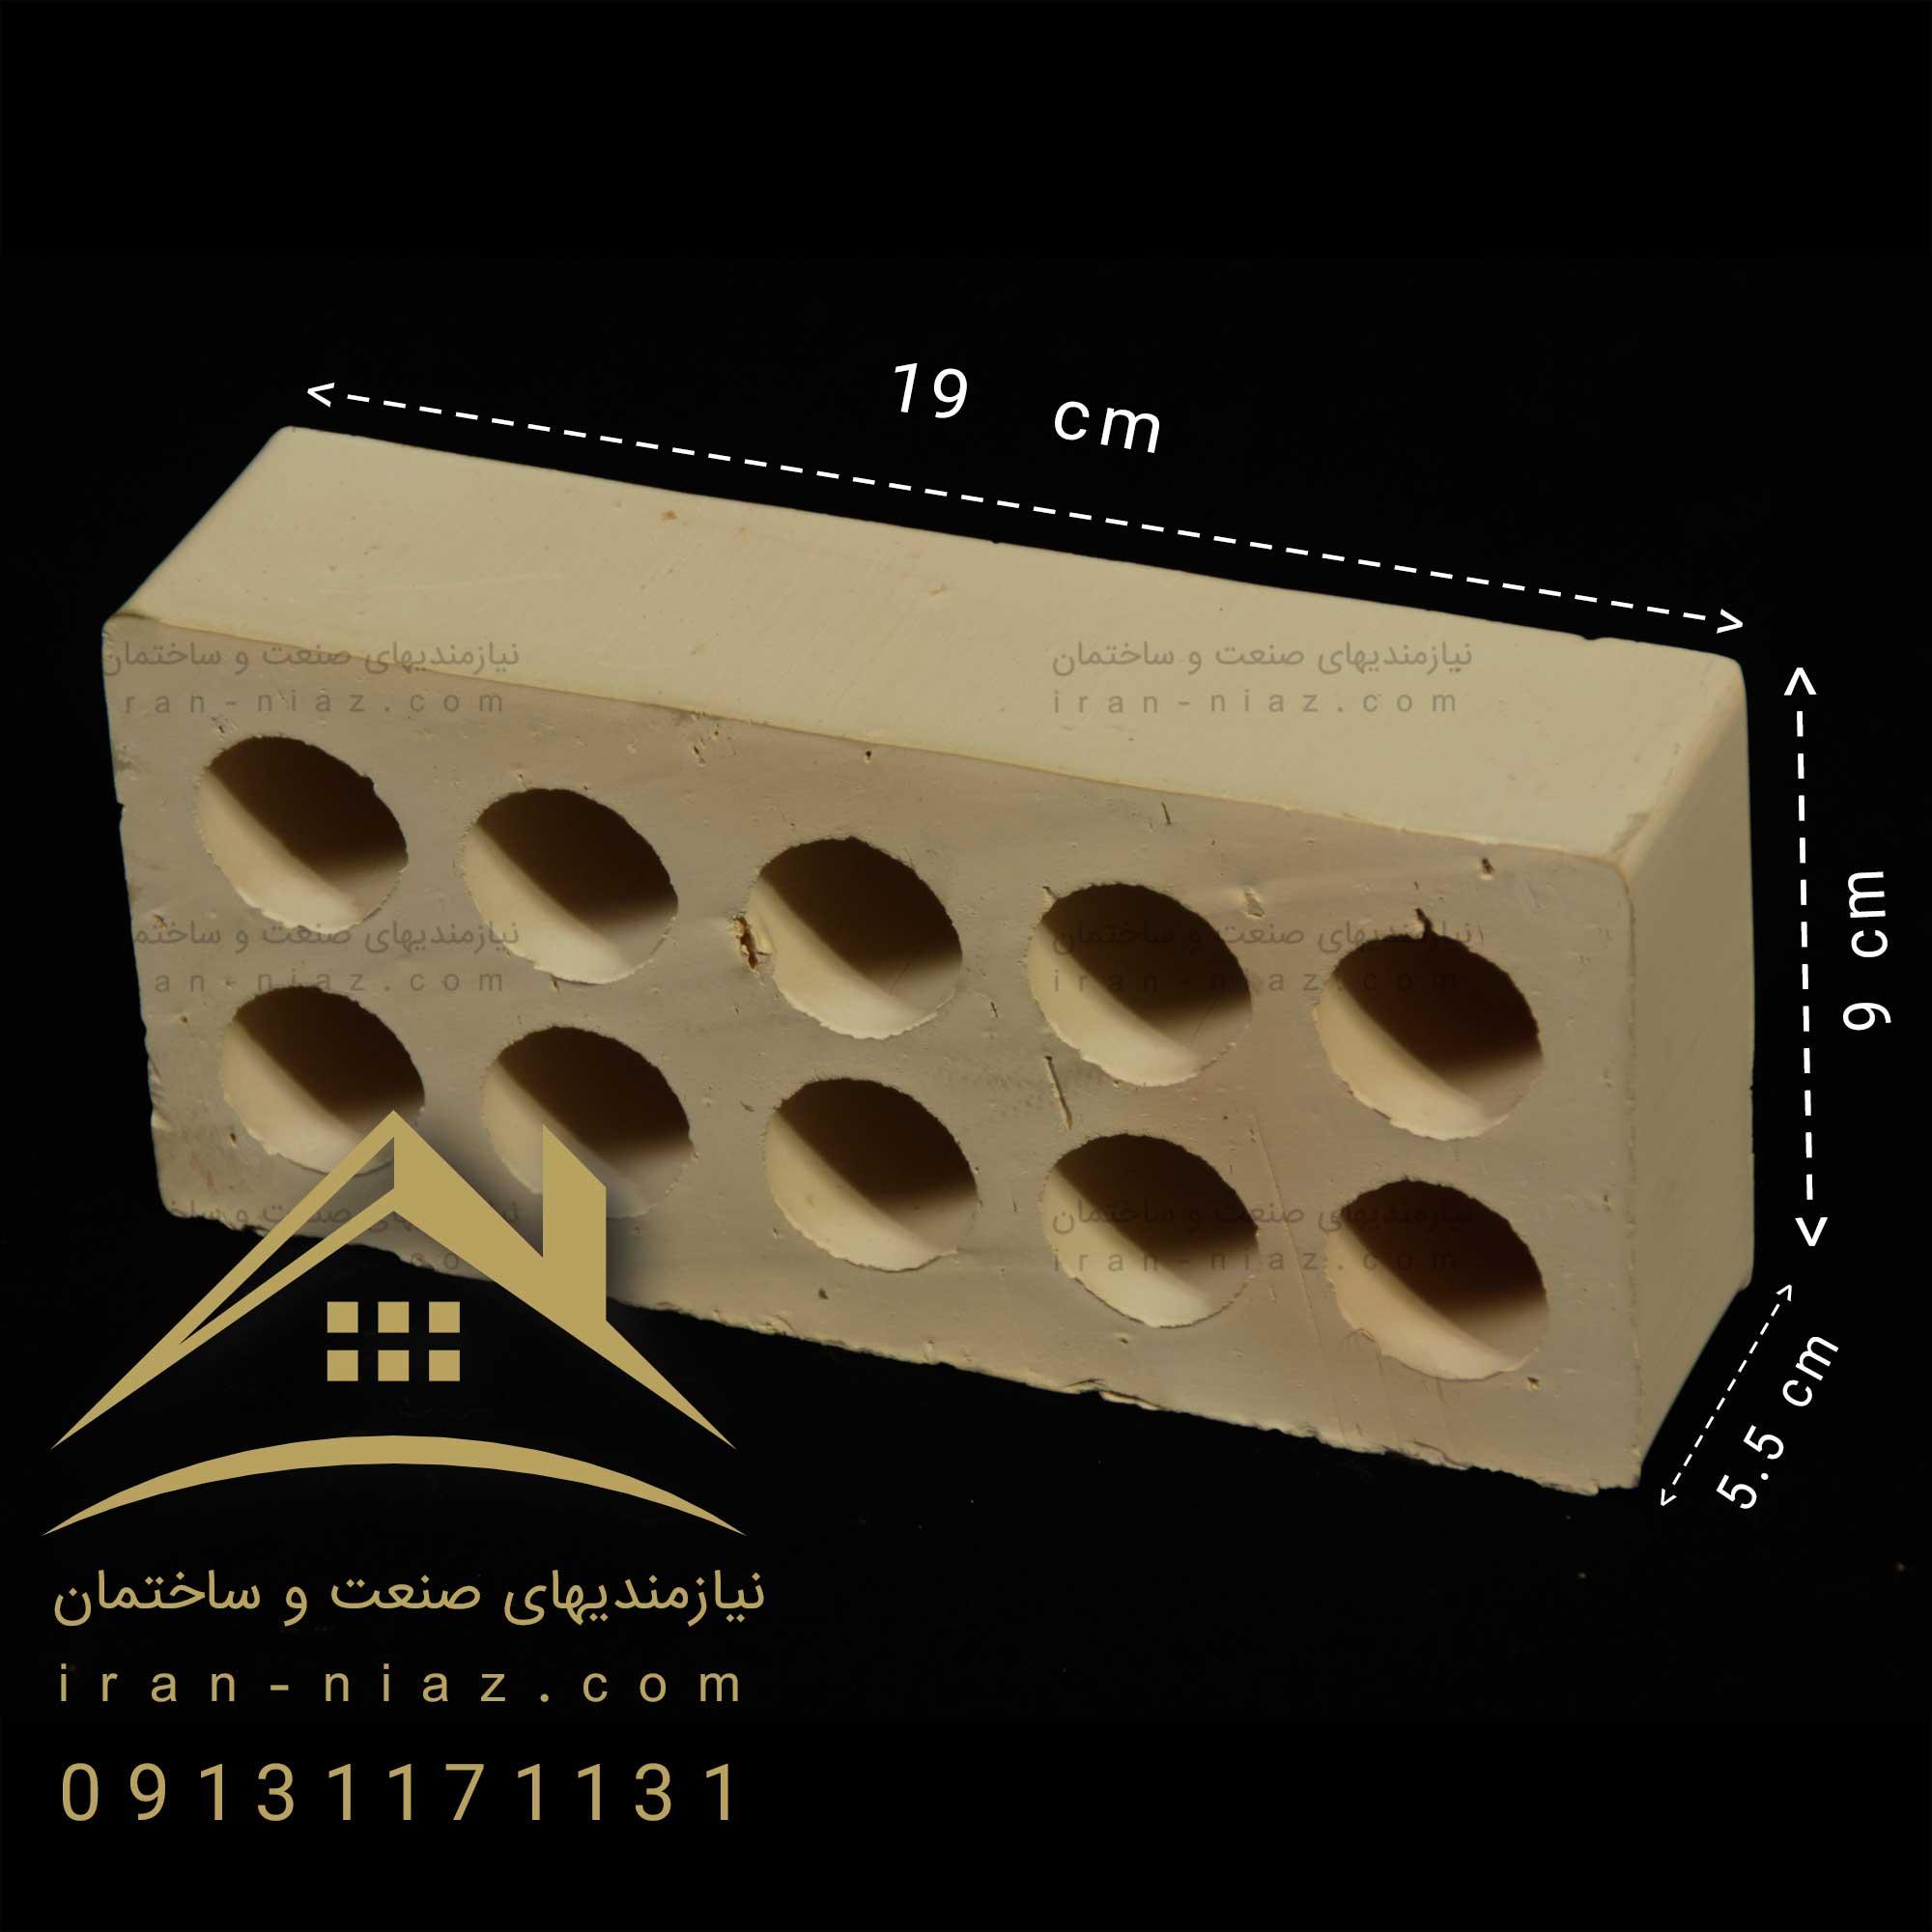 قالب-کوچک-اصفهان-فتاحی19-9-5-5